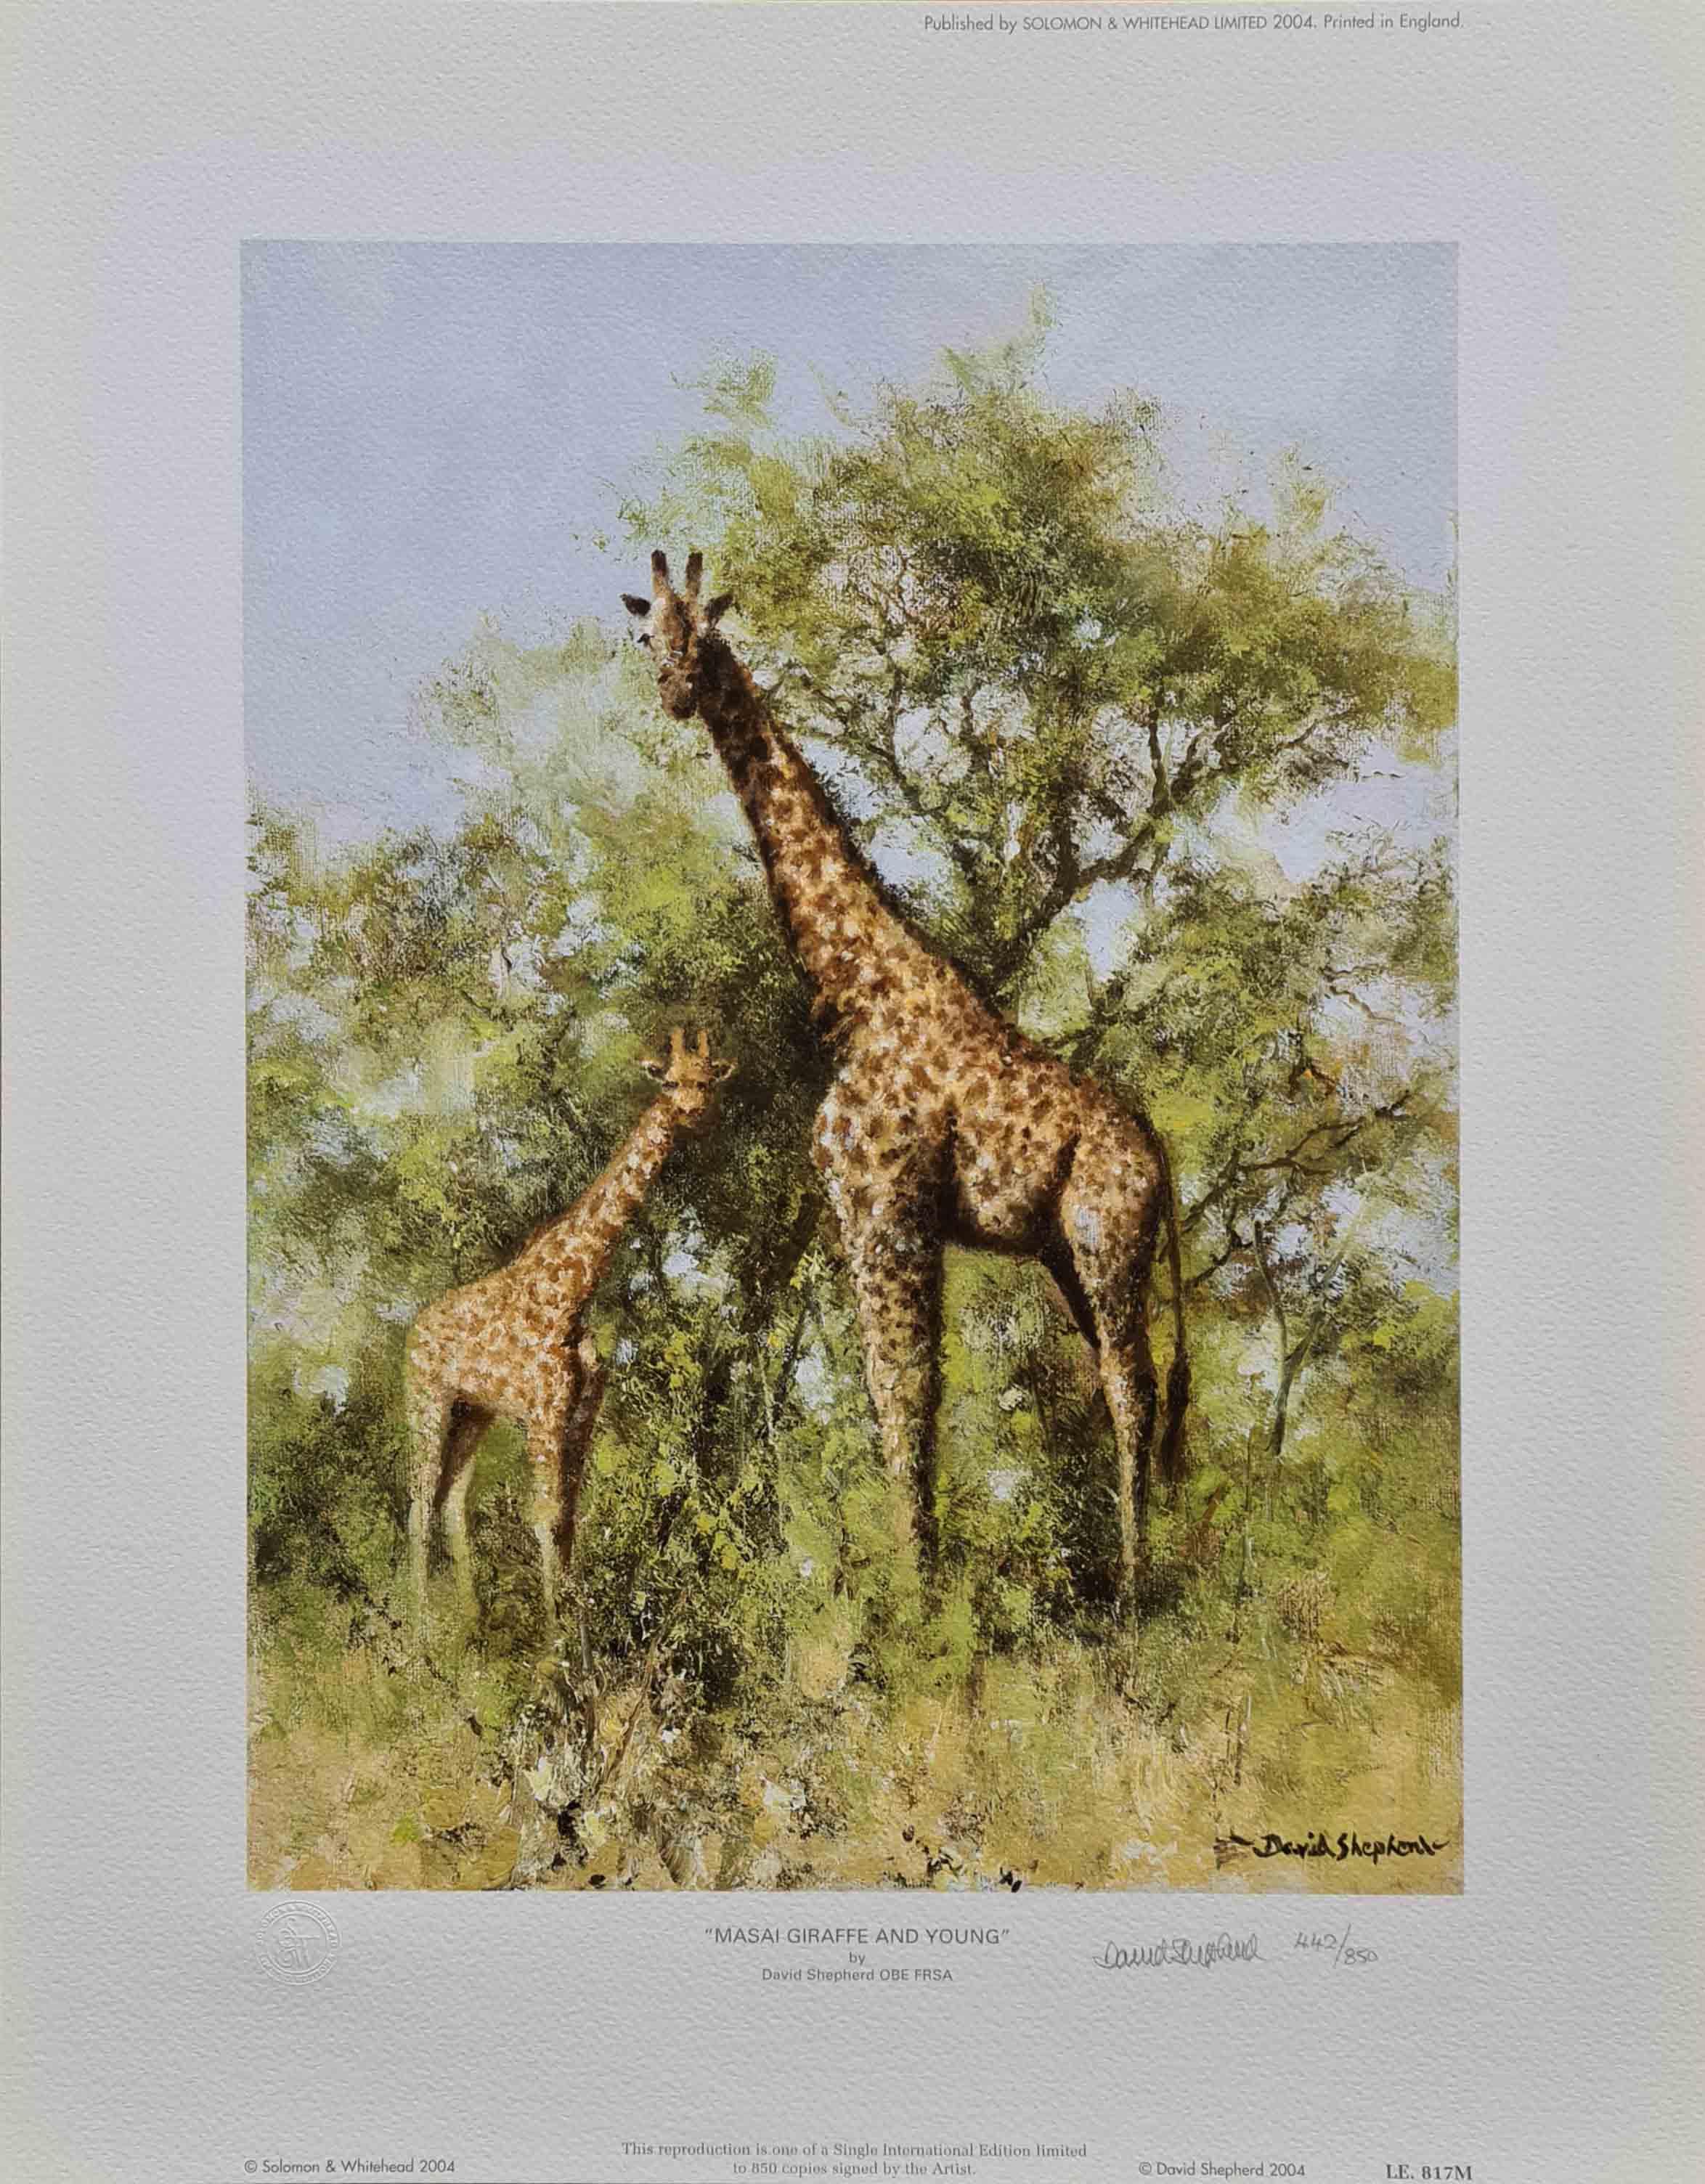 david shepherd, Masai Giraffe and Young, print